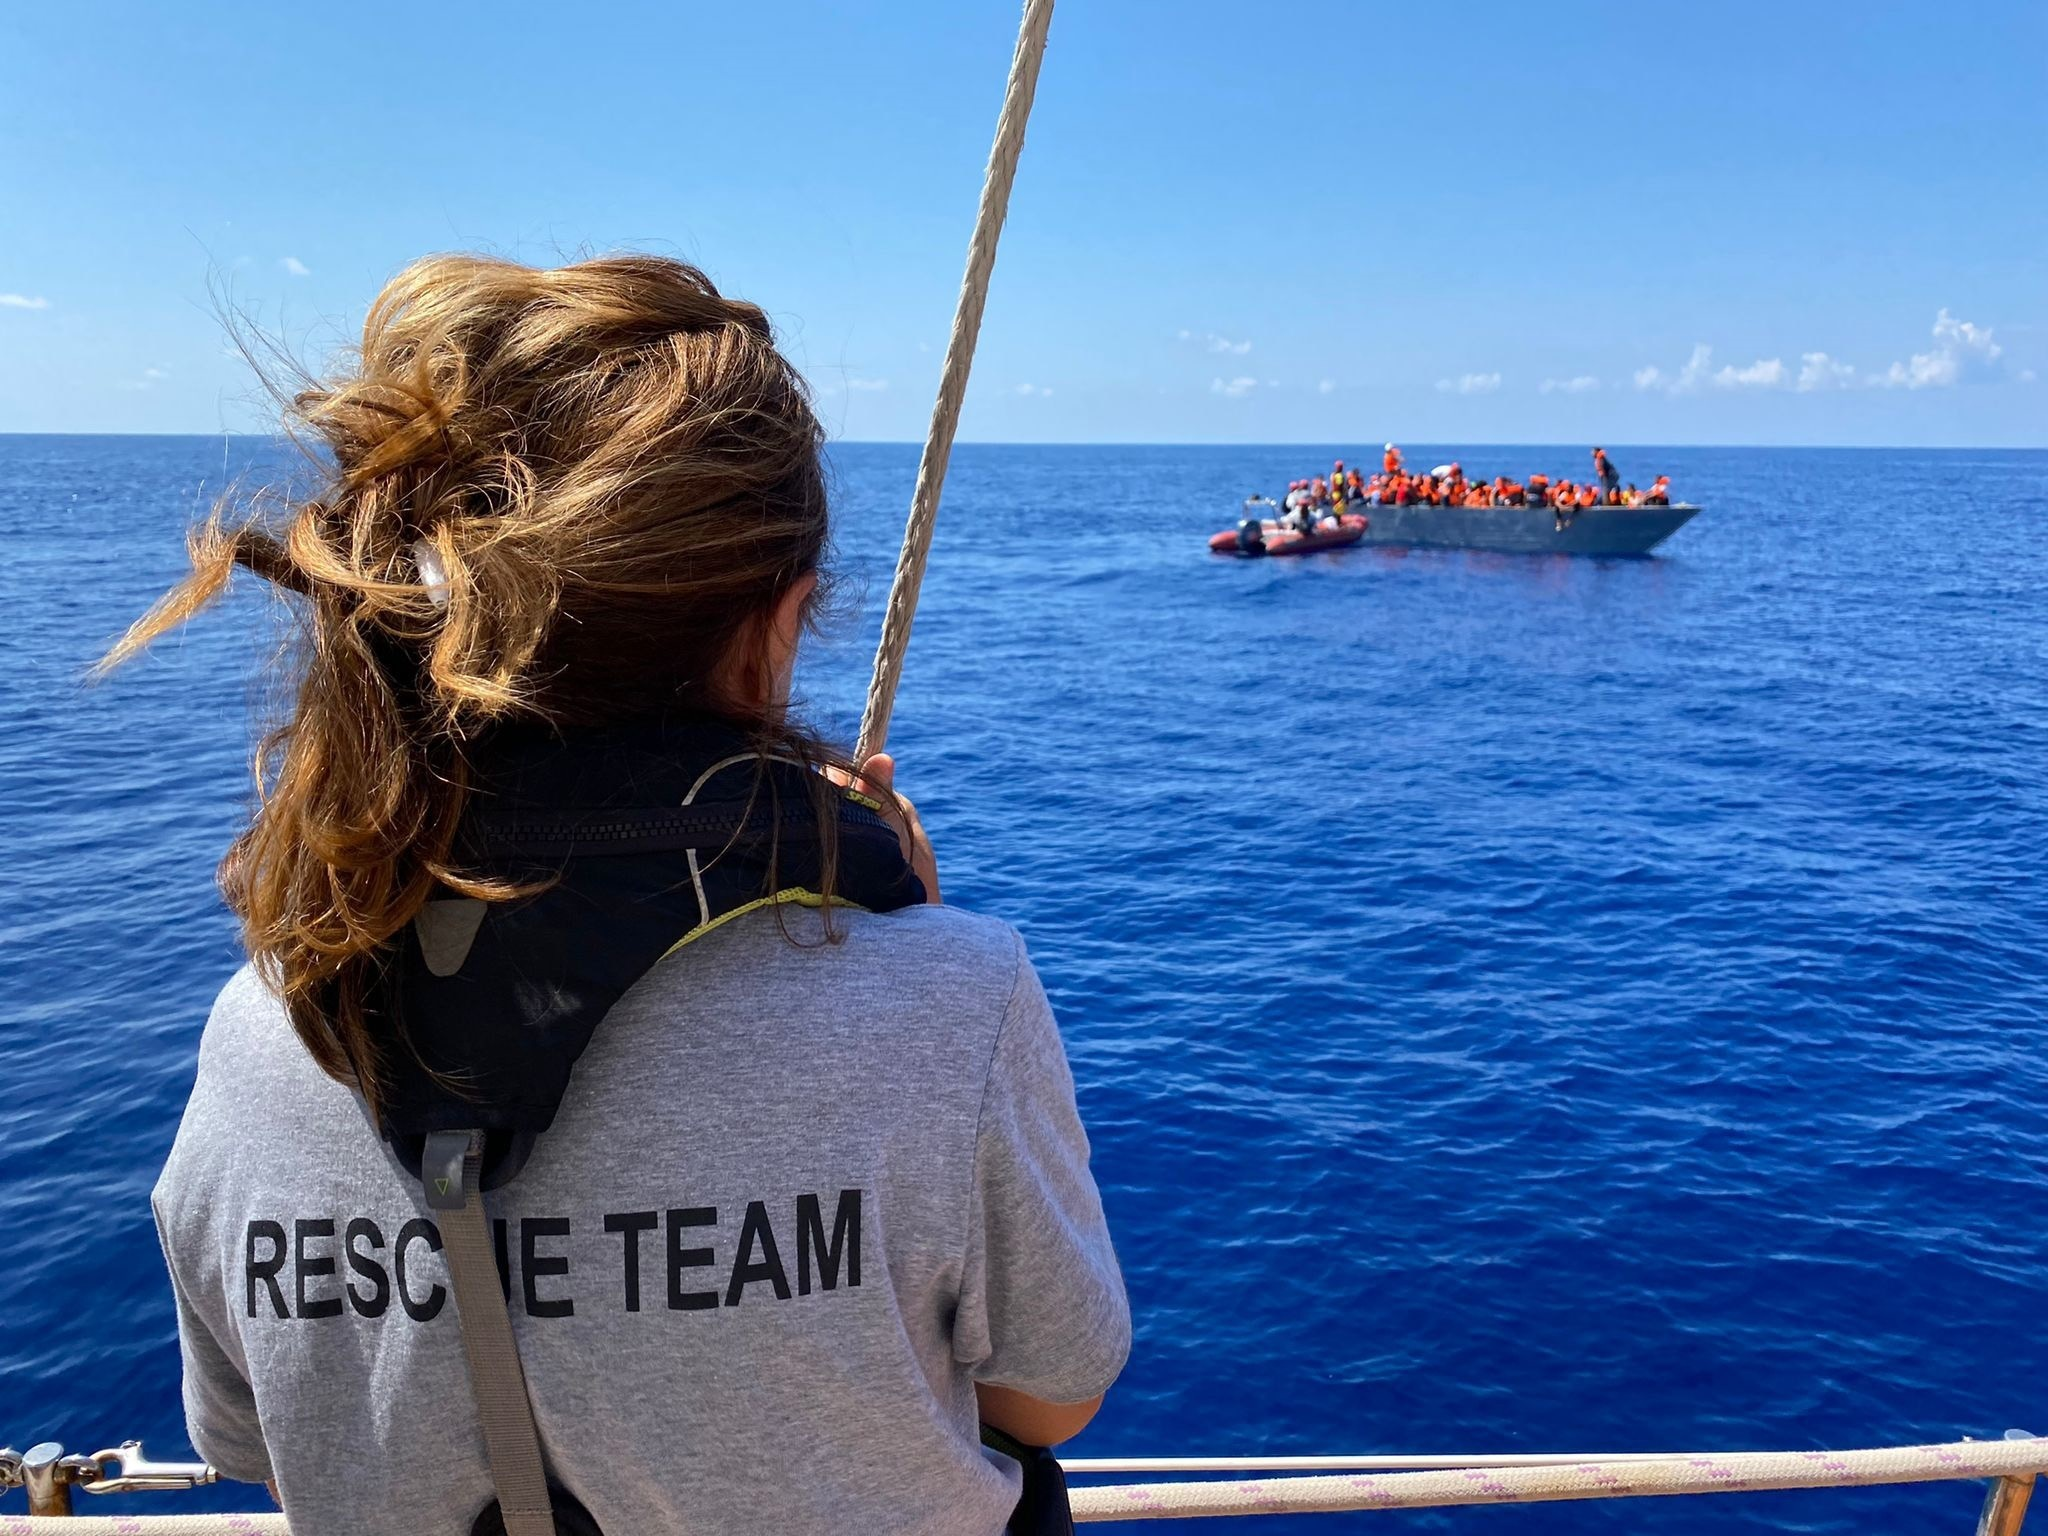 قایق بادبانی اختری سازمان غیردولتی Open Arms.